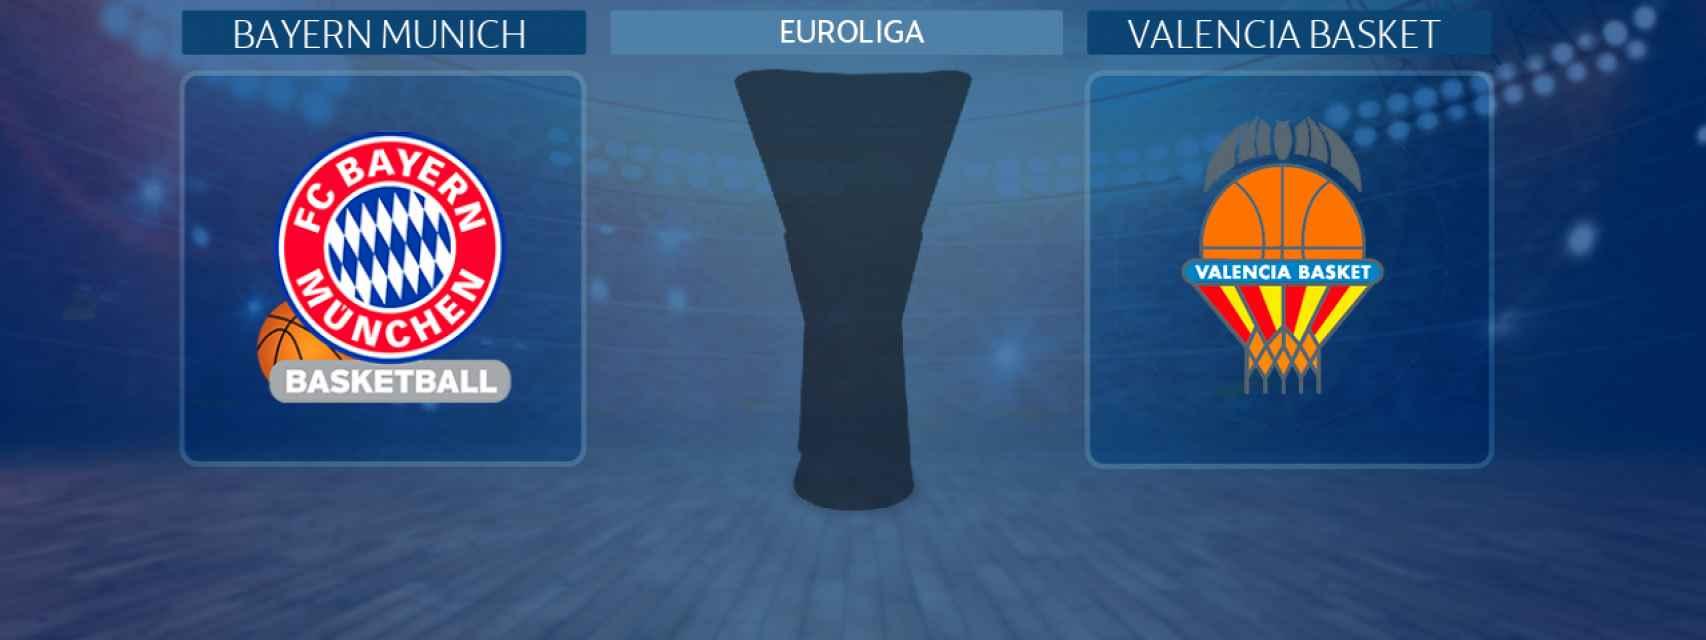 Bayern Munich - Valencia Basket, partido de la Euroliga